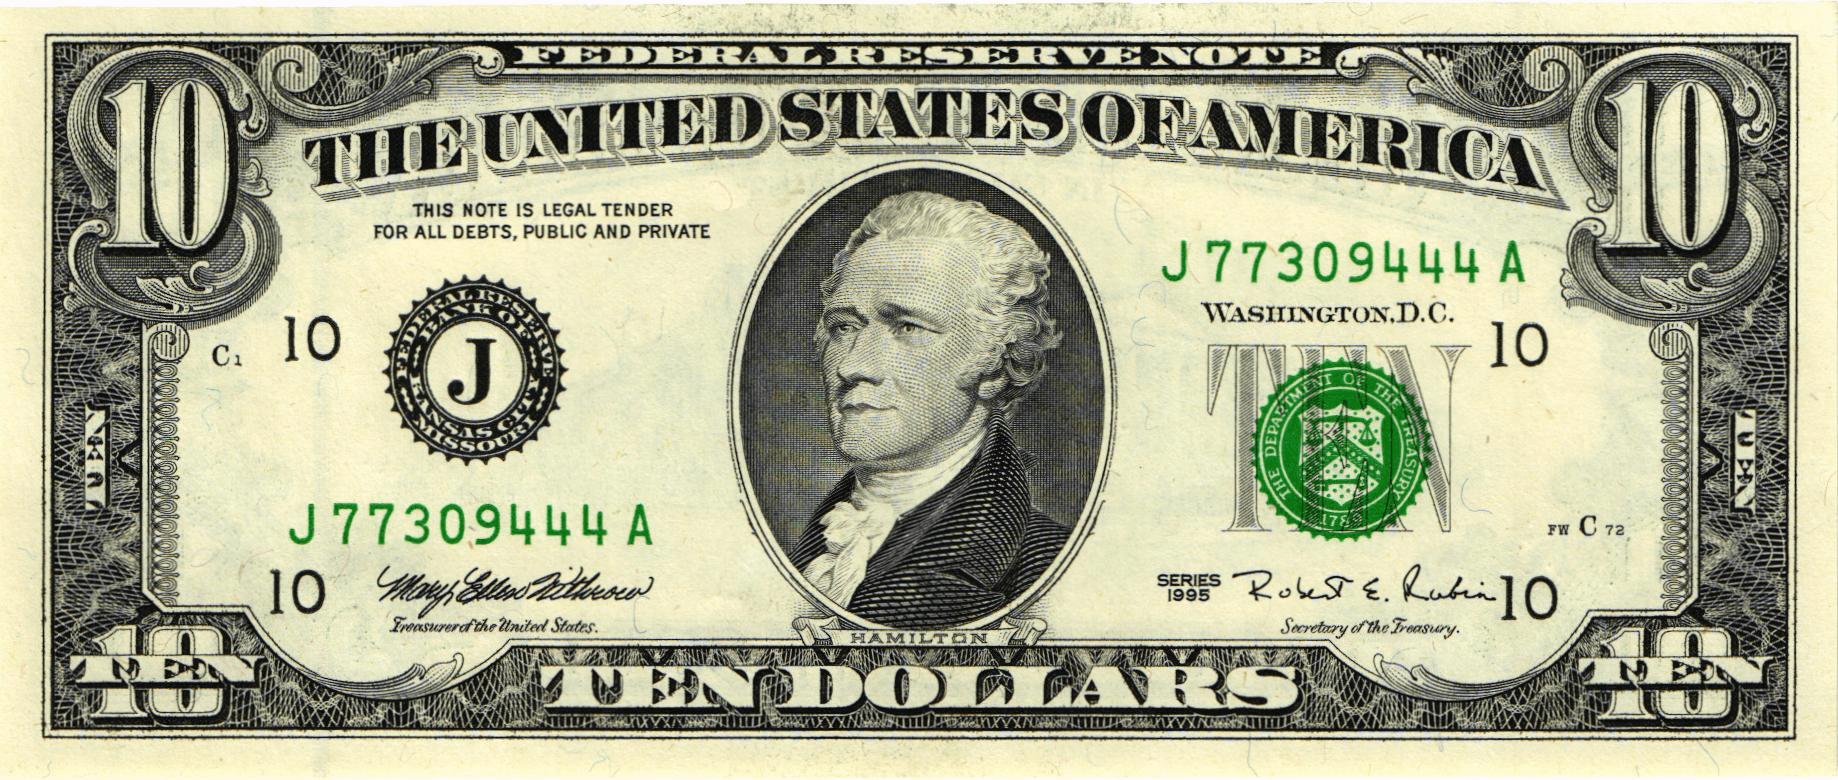 ارزش ارزهای دیجیتال در چیست و چه پشتوانهای دارند؟